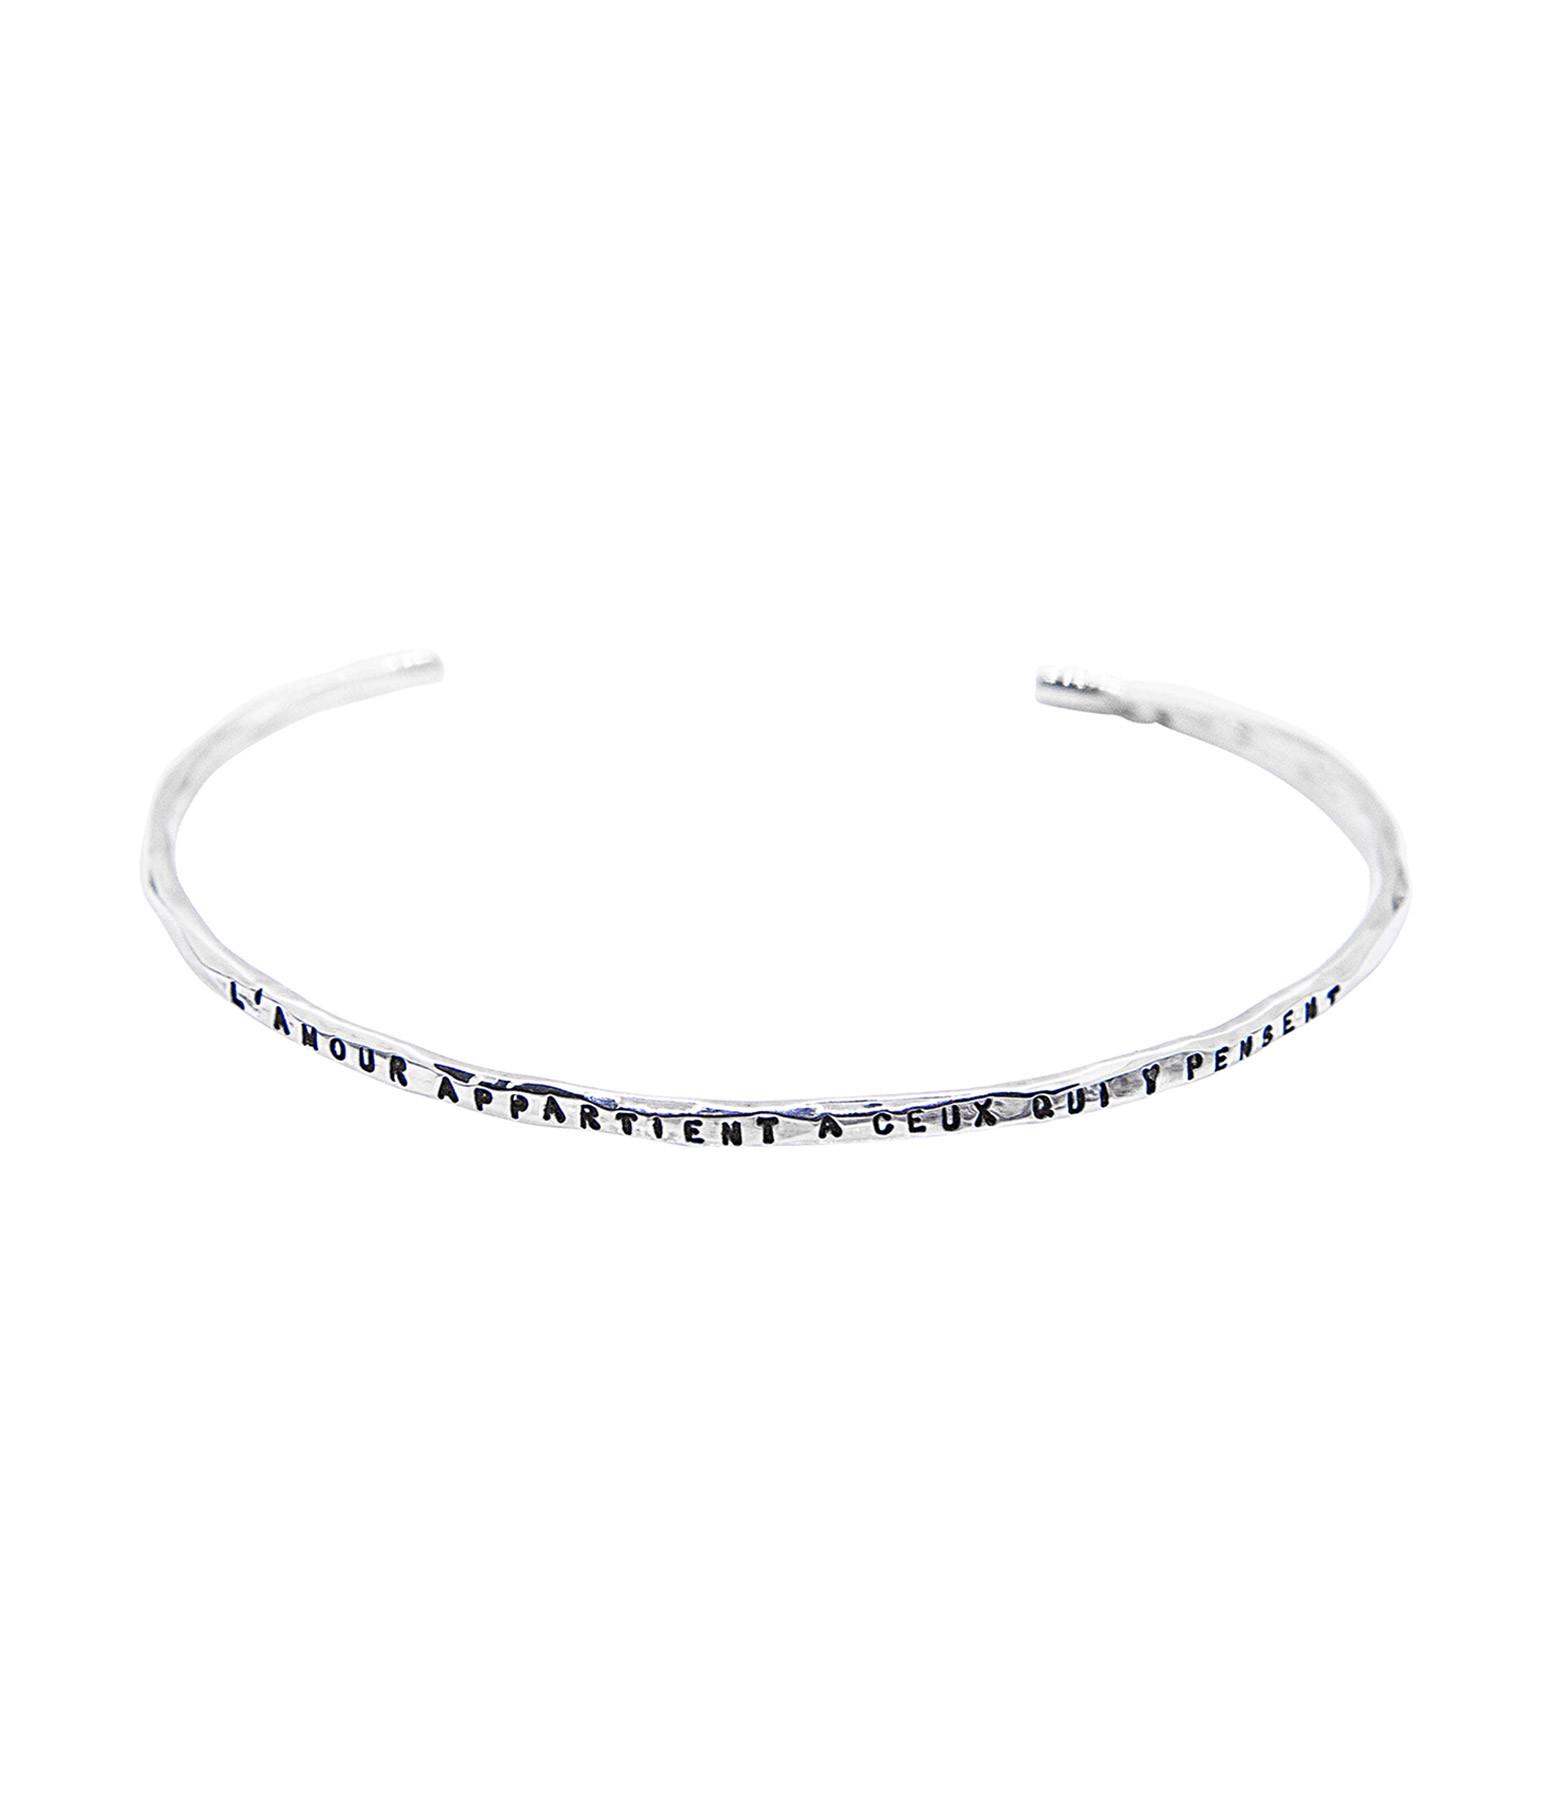 SERGE THORAVAL - Bracelet Pensée Argent